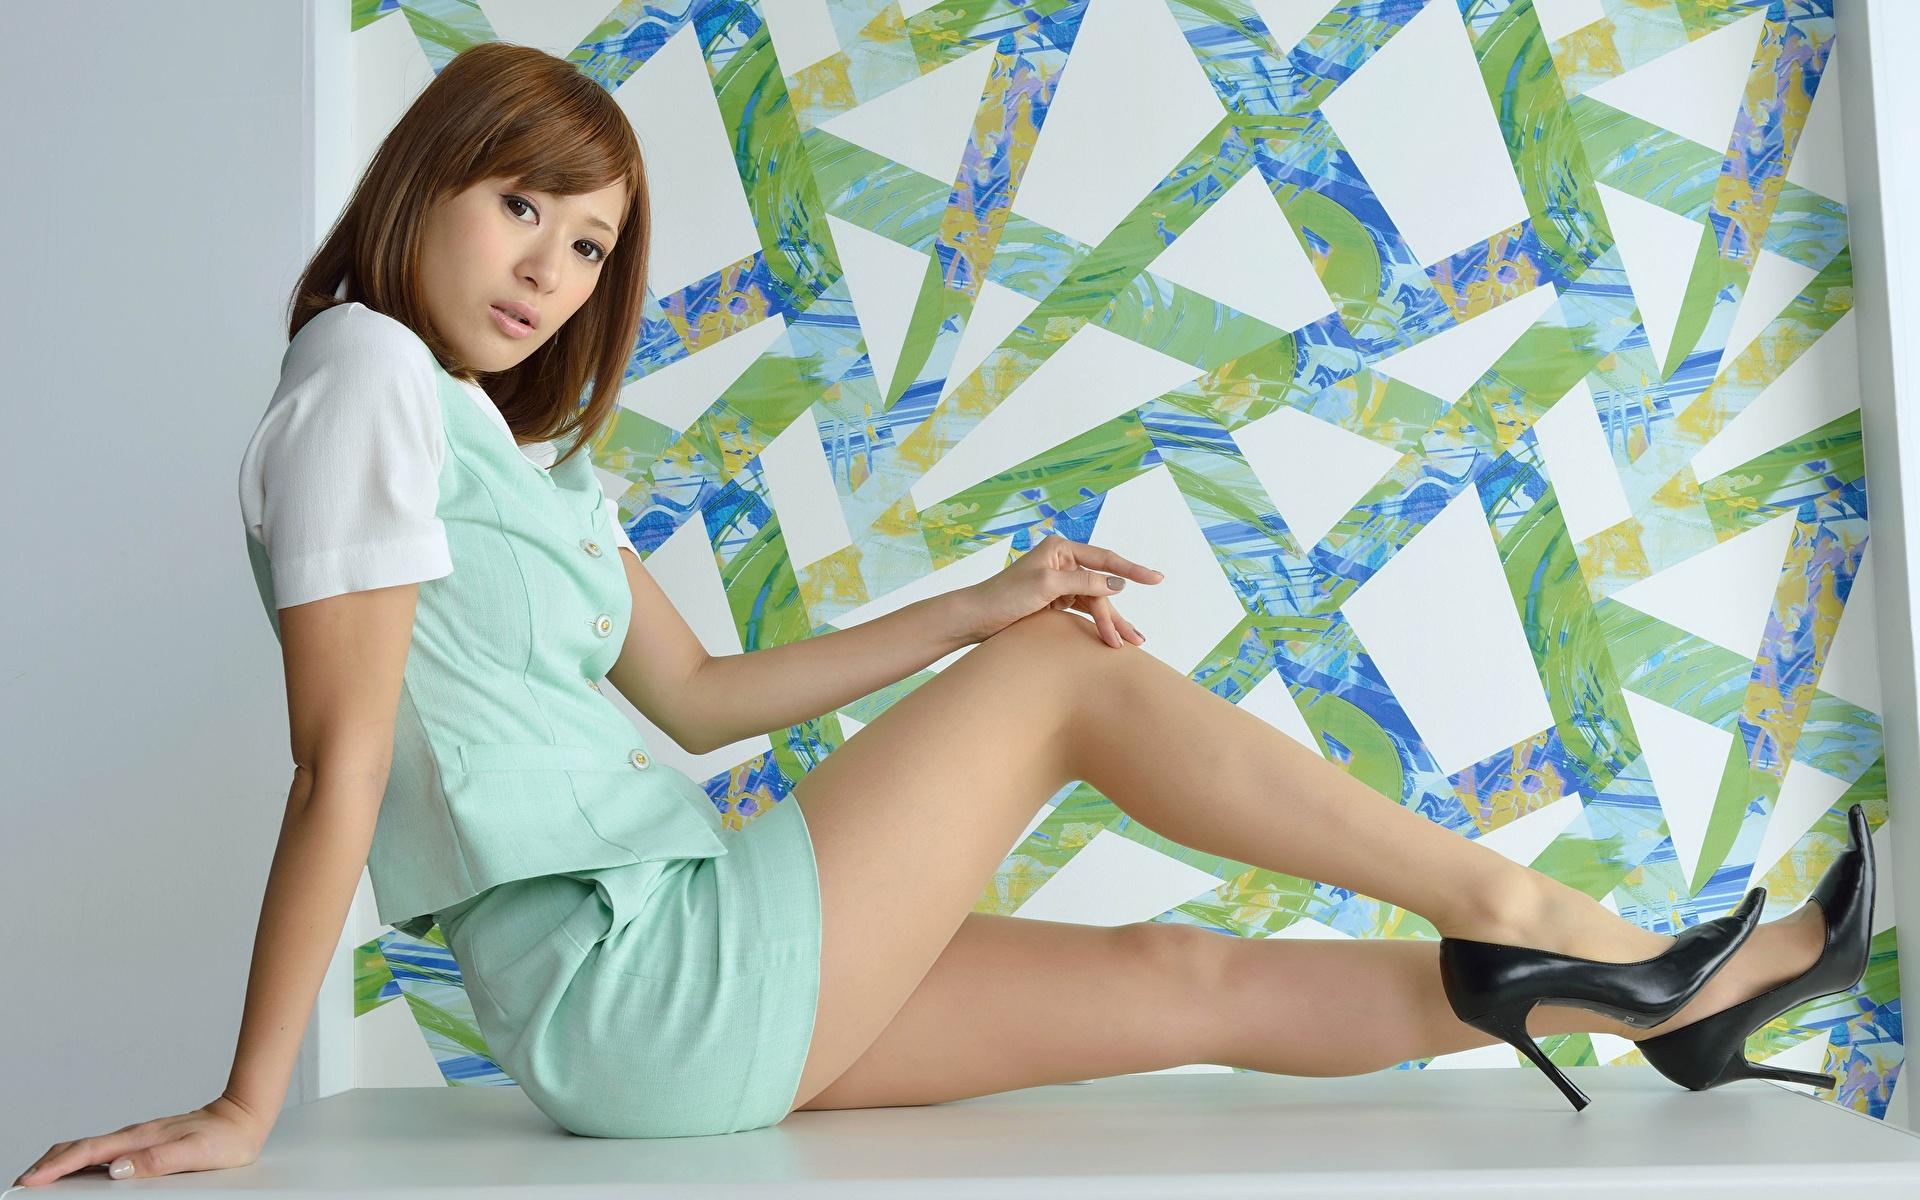 Картинка Шатенка девушка Ноги азиатки рука Сбоку сидящие Туфли 1920x1200 шатенки Девушки молодая женщина молодые женщины ног Азиаты азиатка Руки сидя Сидит туфель туфлях